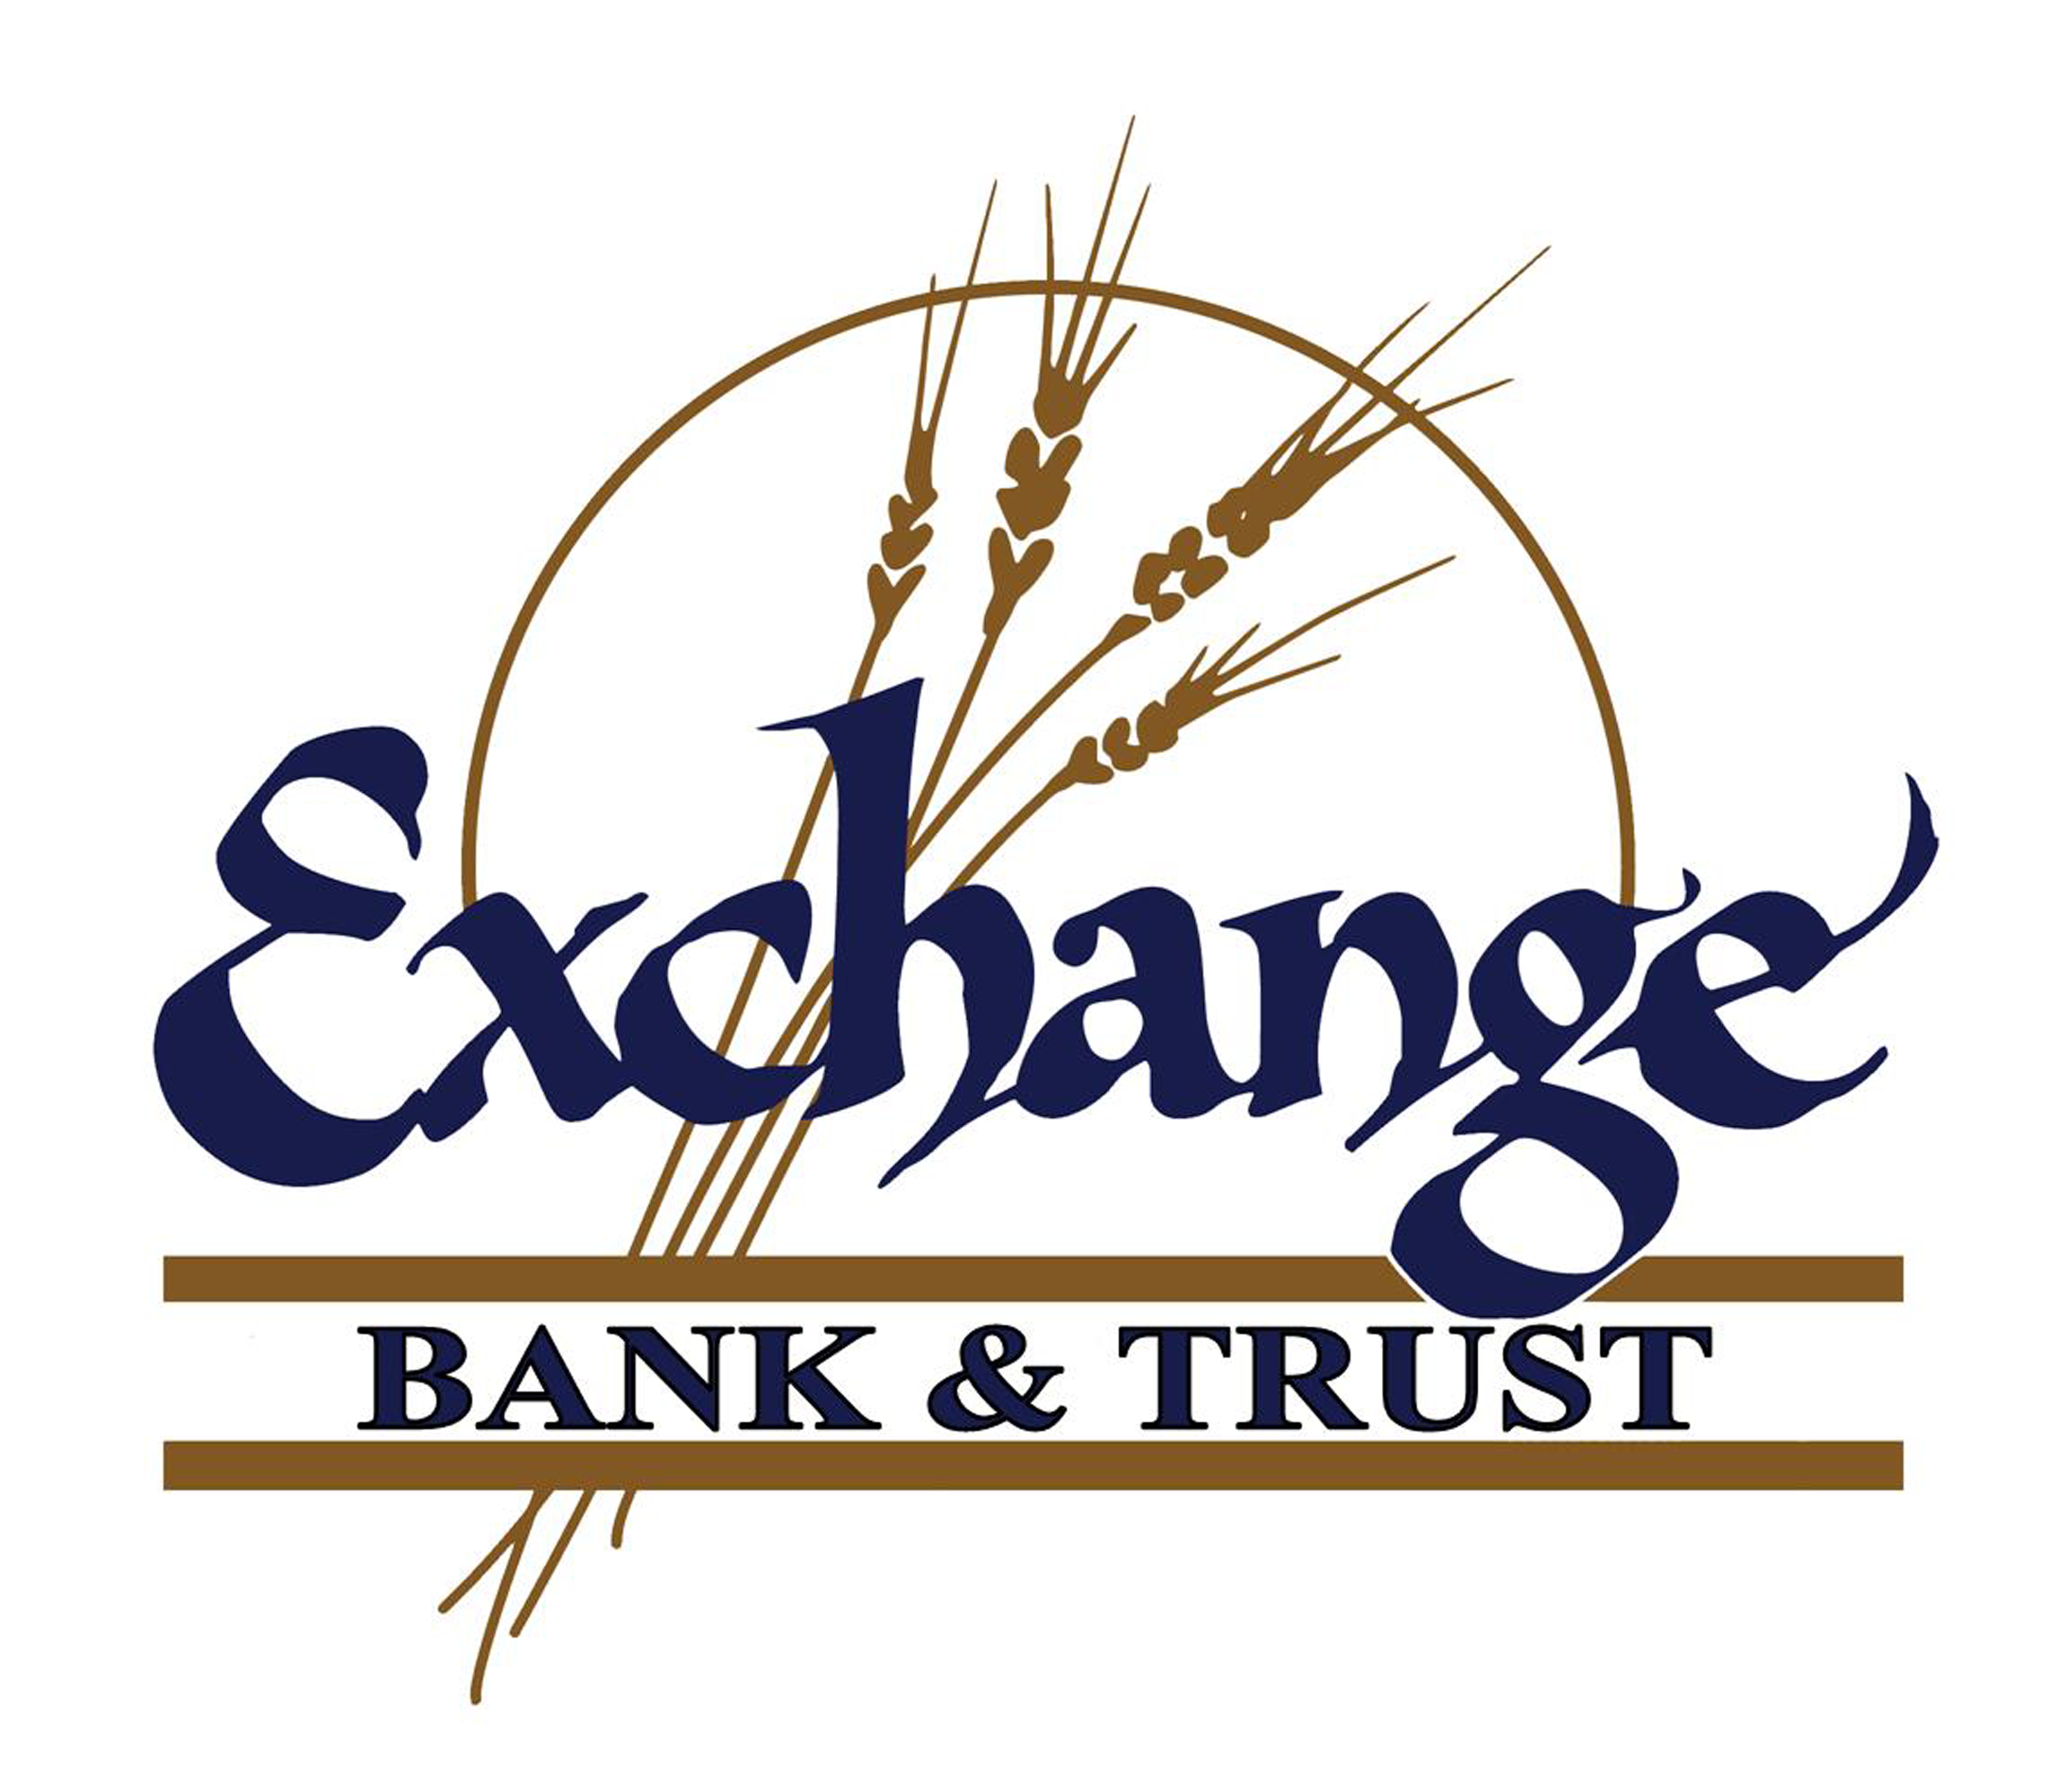 Exchange Bank & Trust